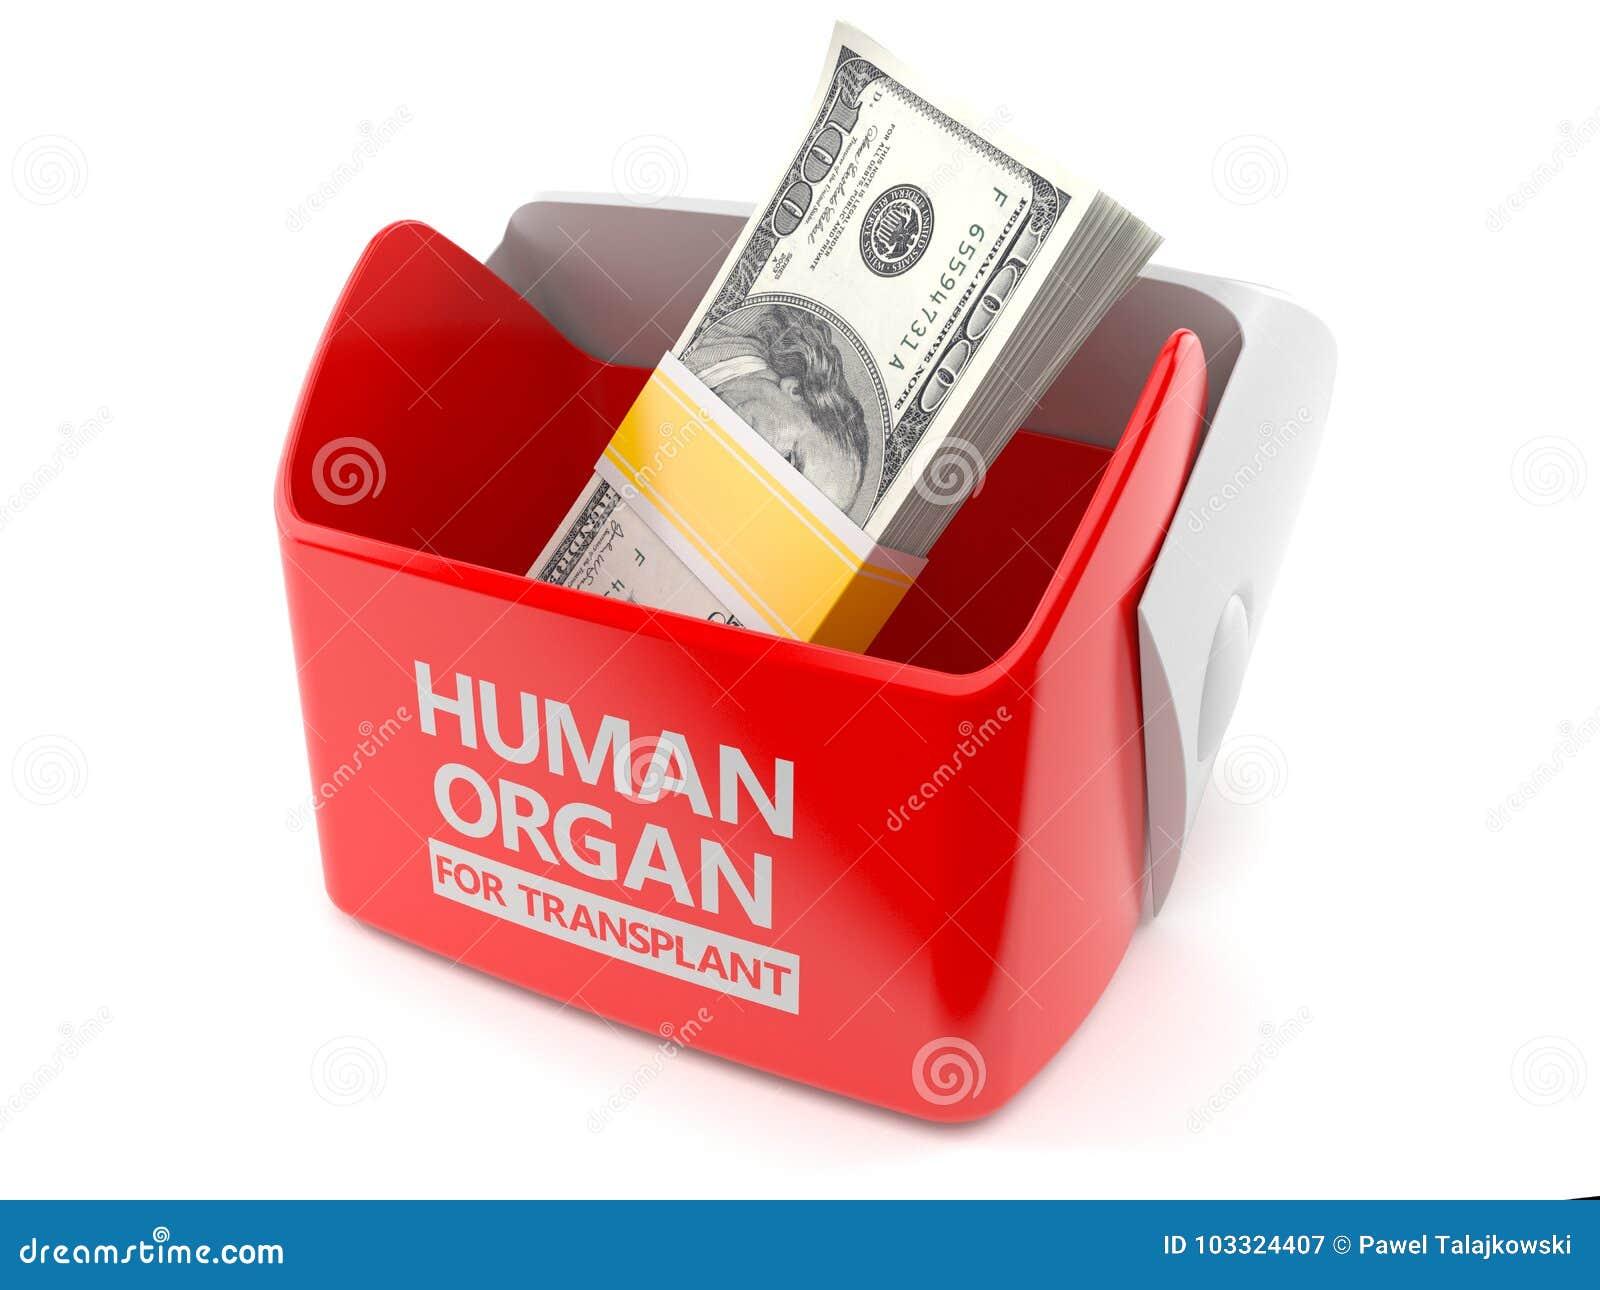 Ανθρώπινο όργανο για την έννοια μεταμόσχευσης